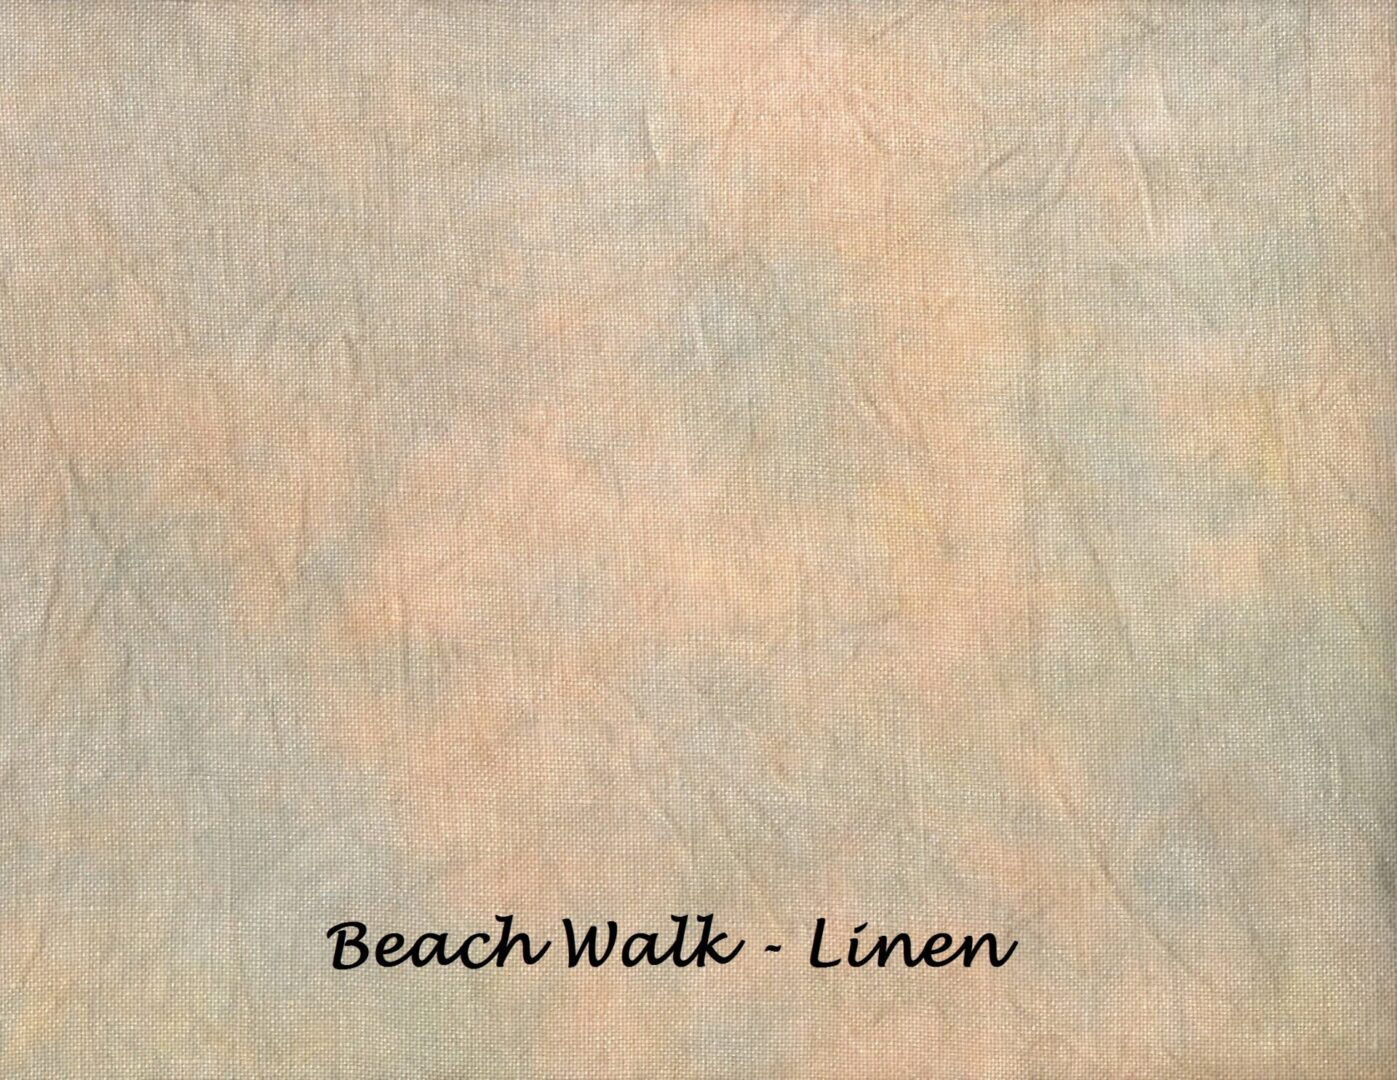 Beachwalk Linen